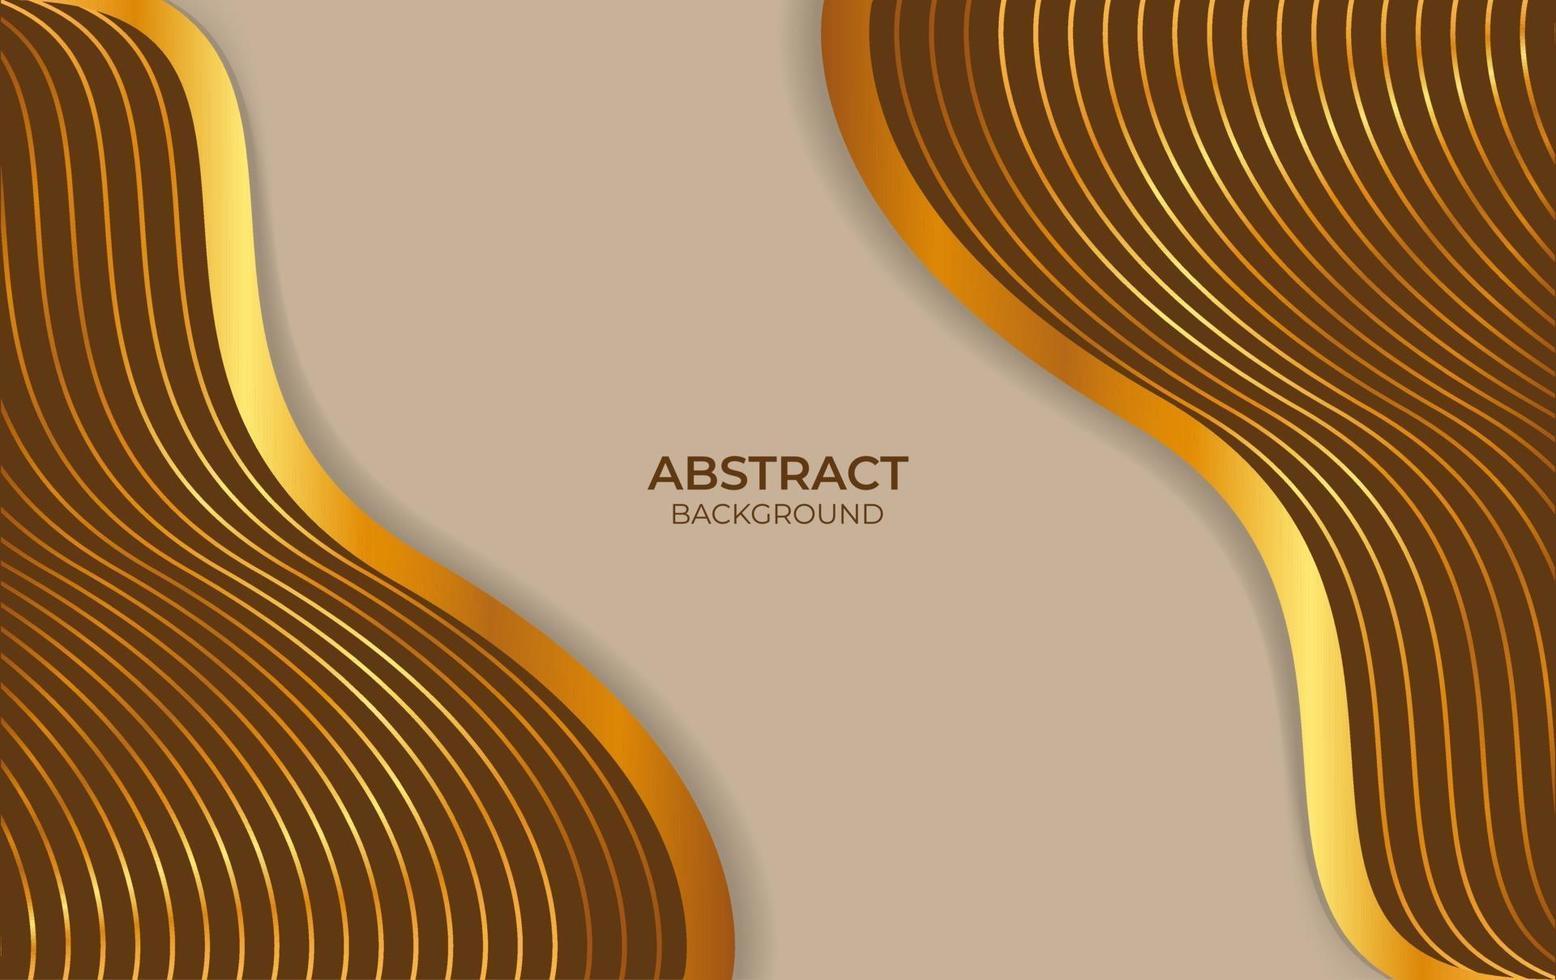 achtergrond abstract ontwerp bruin en goud vector